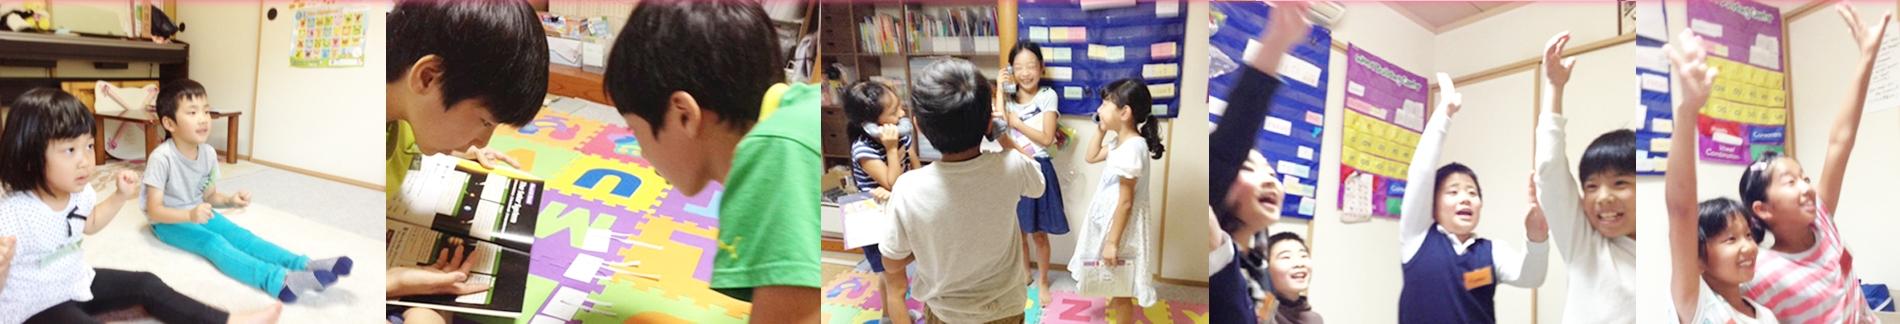 熊本市の子ども英語教室エンデバーの様子2